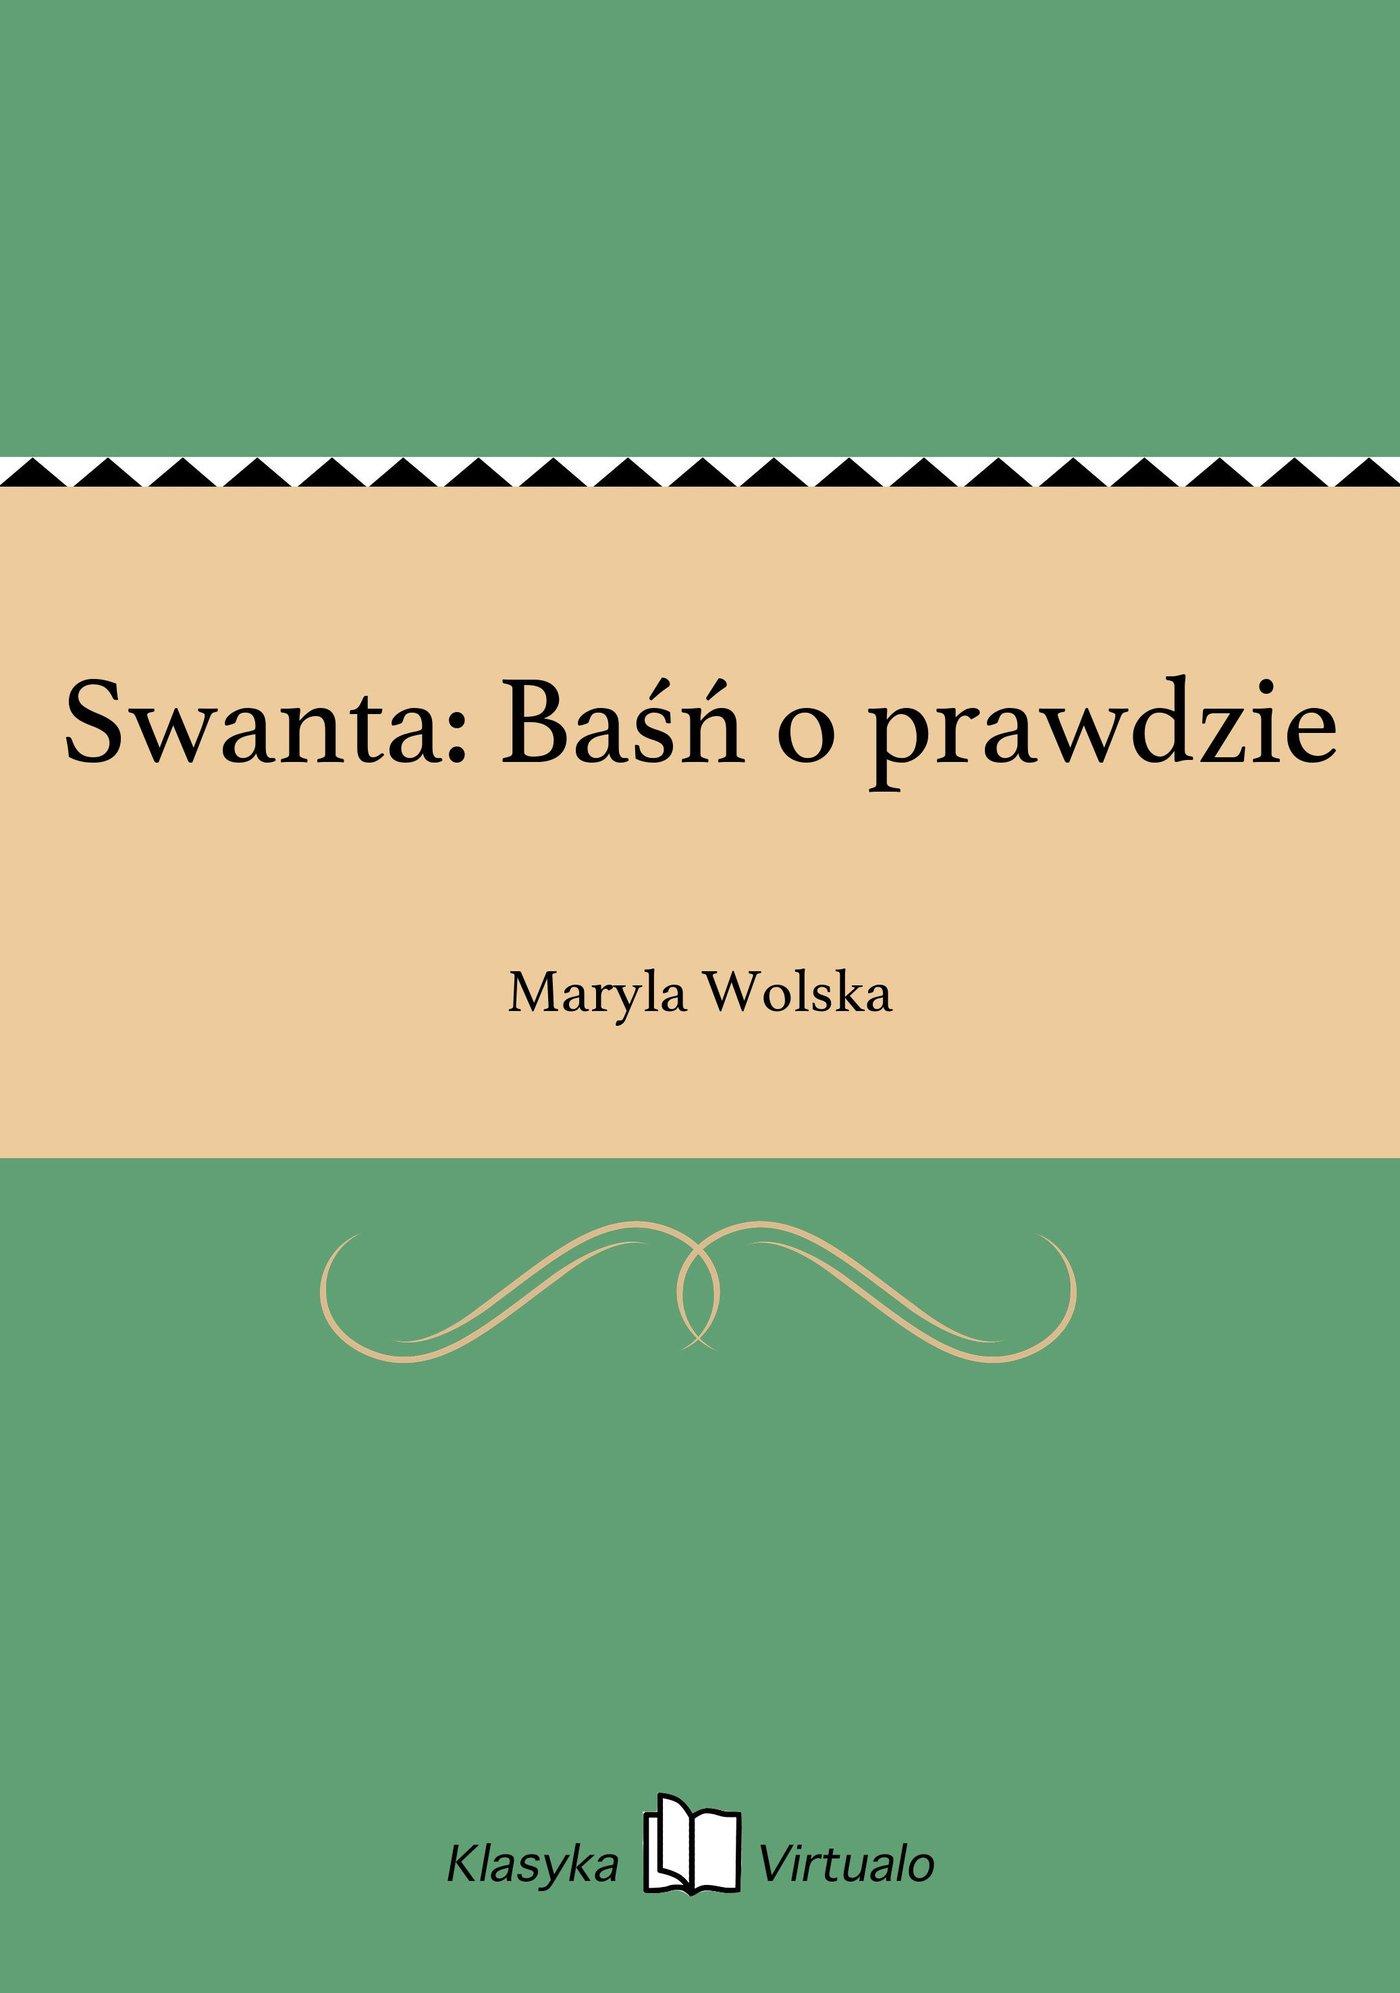 Swanta: Baśń o prawdzie - Ebook (Książka na Kindle) do pobrania w formacie MOBI